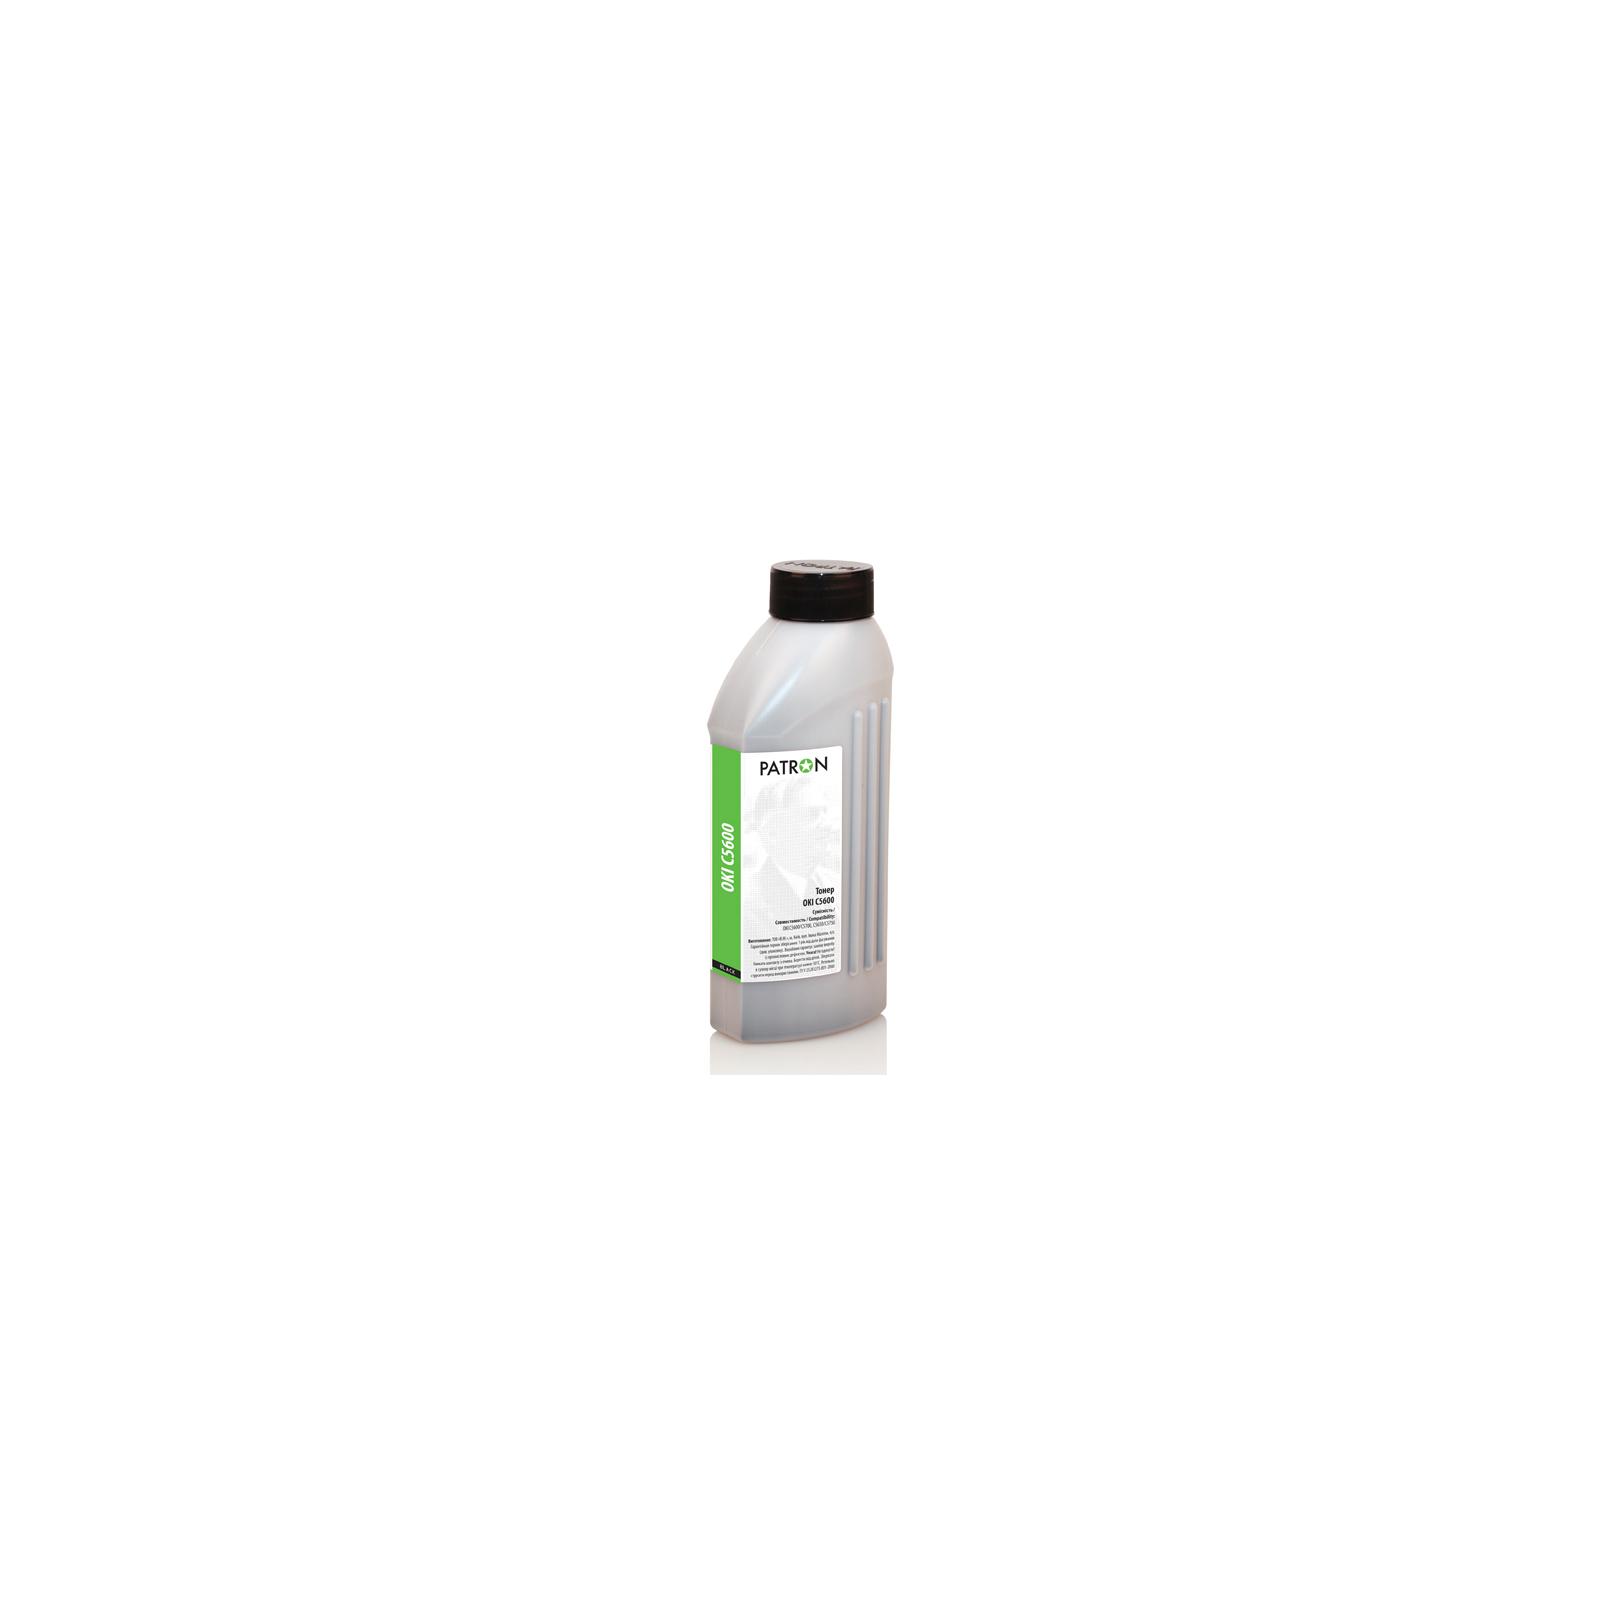 Тонер PATRON OKI C5600 BLACK 160г (T-PN-OC5600-B-160)